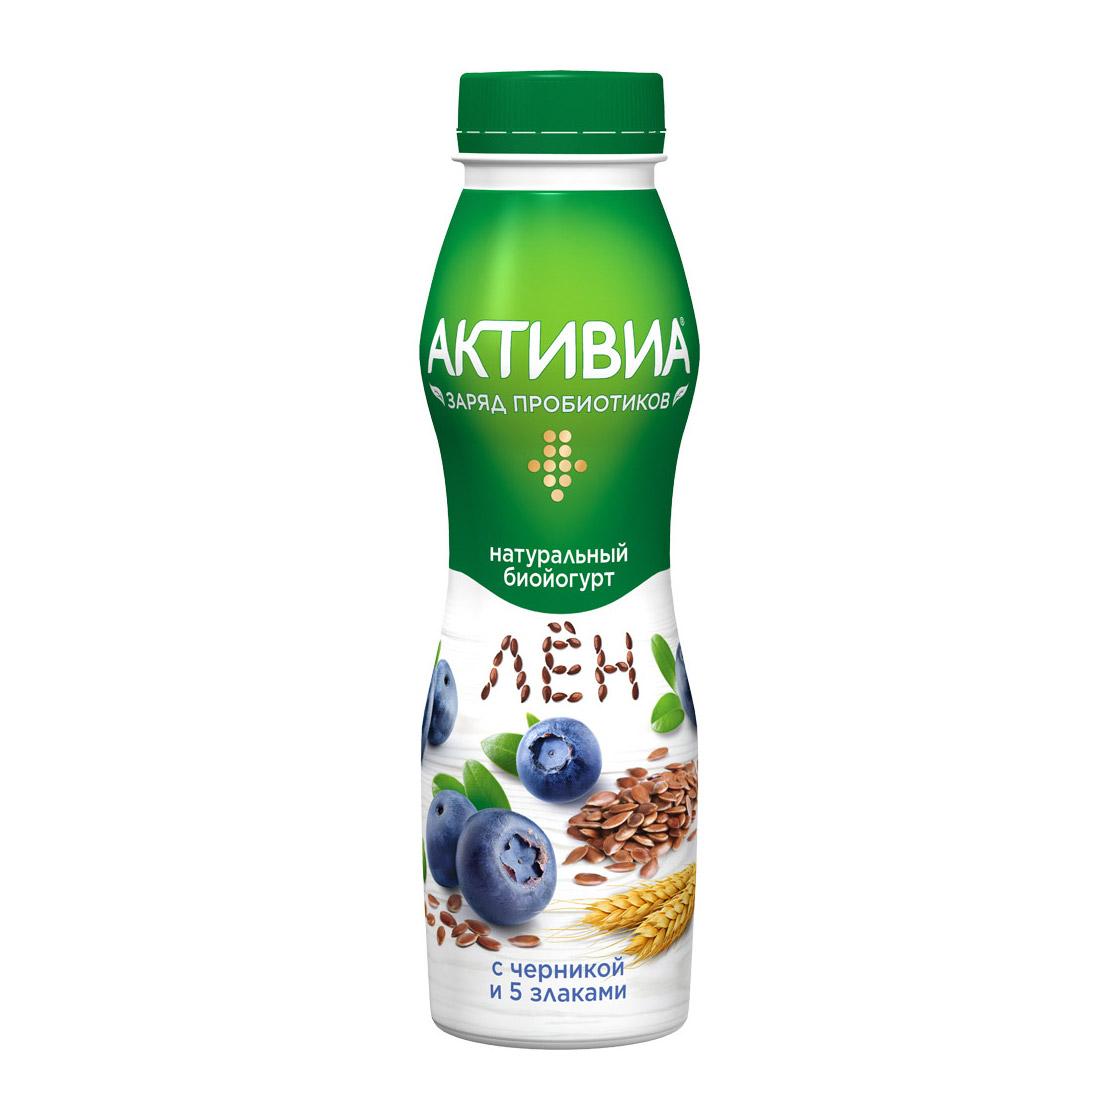 активиа биопродукт творожно йогуртный 4 5% 130 г Биойогурт Активиа 5 злаков черника, семена льна 2,9% 260 г